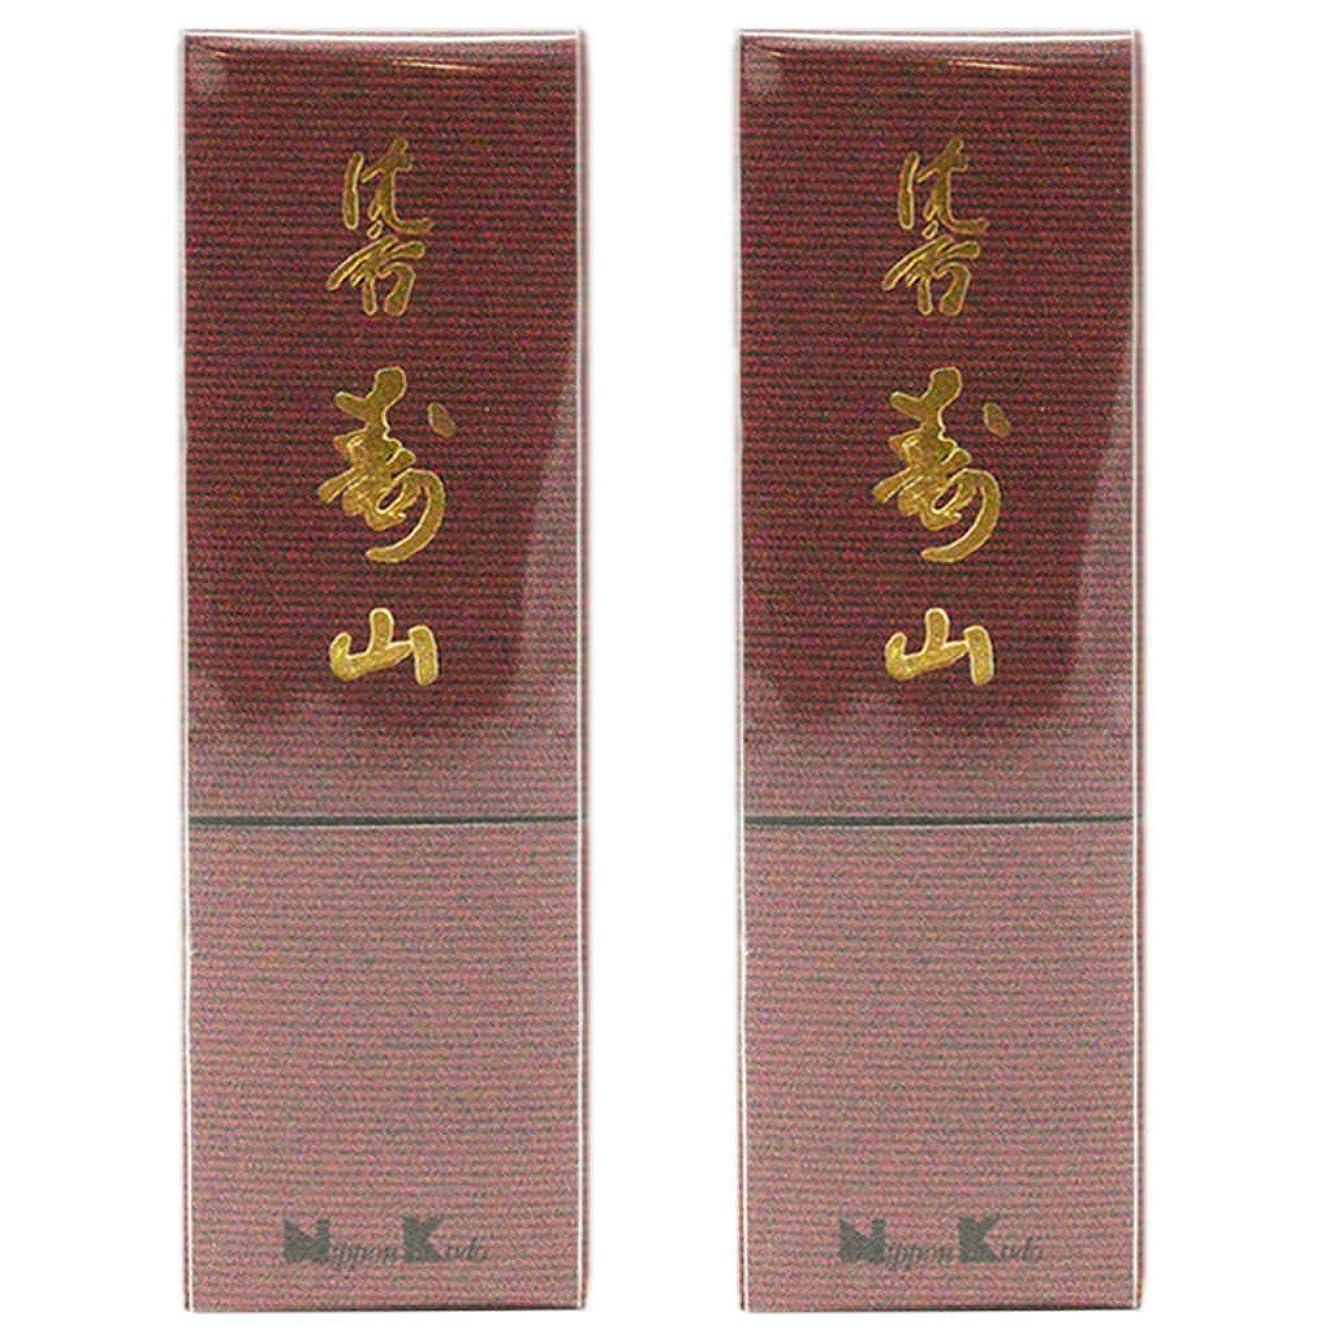 キャンパスモス刺繍沈香寿山 スティック24本入 2個セット